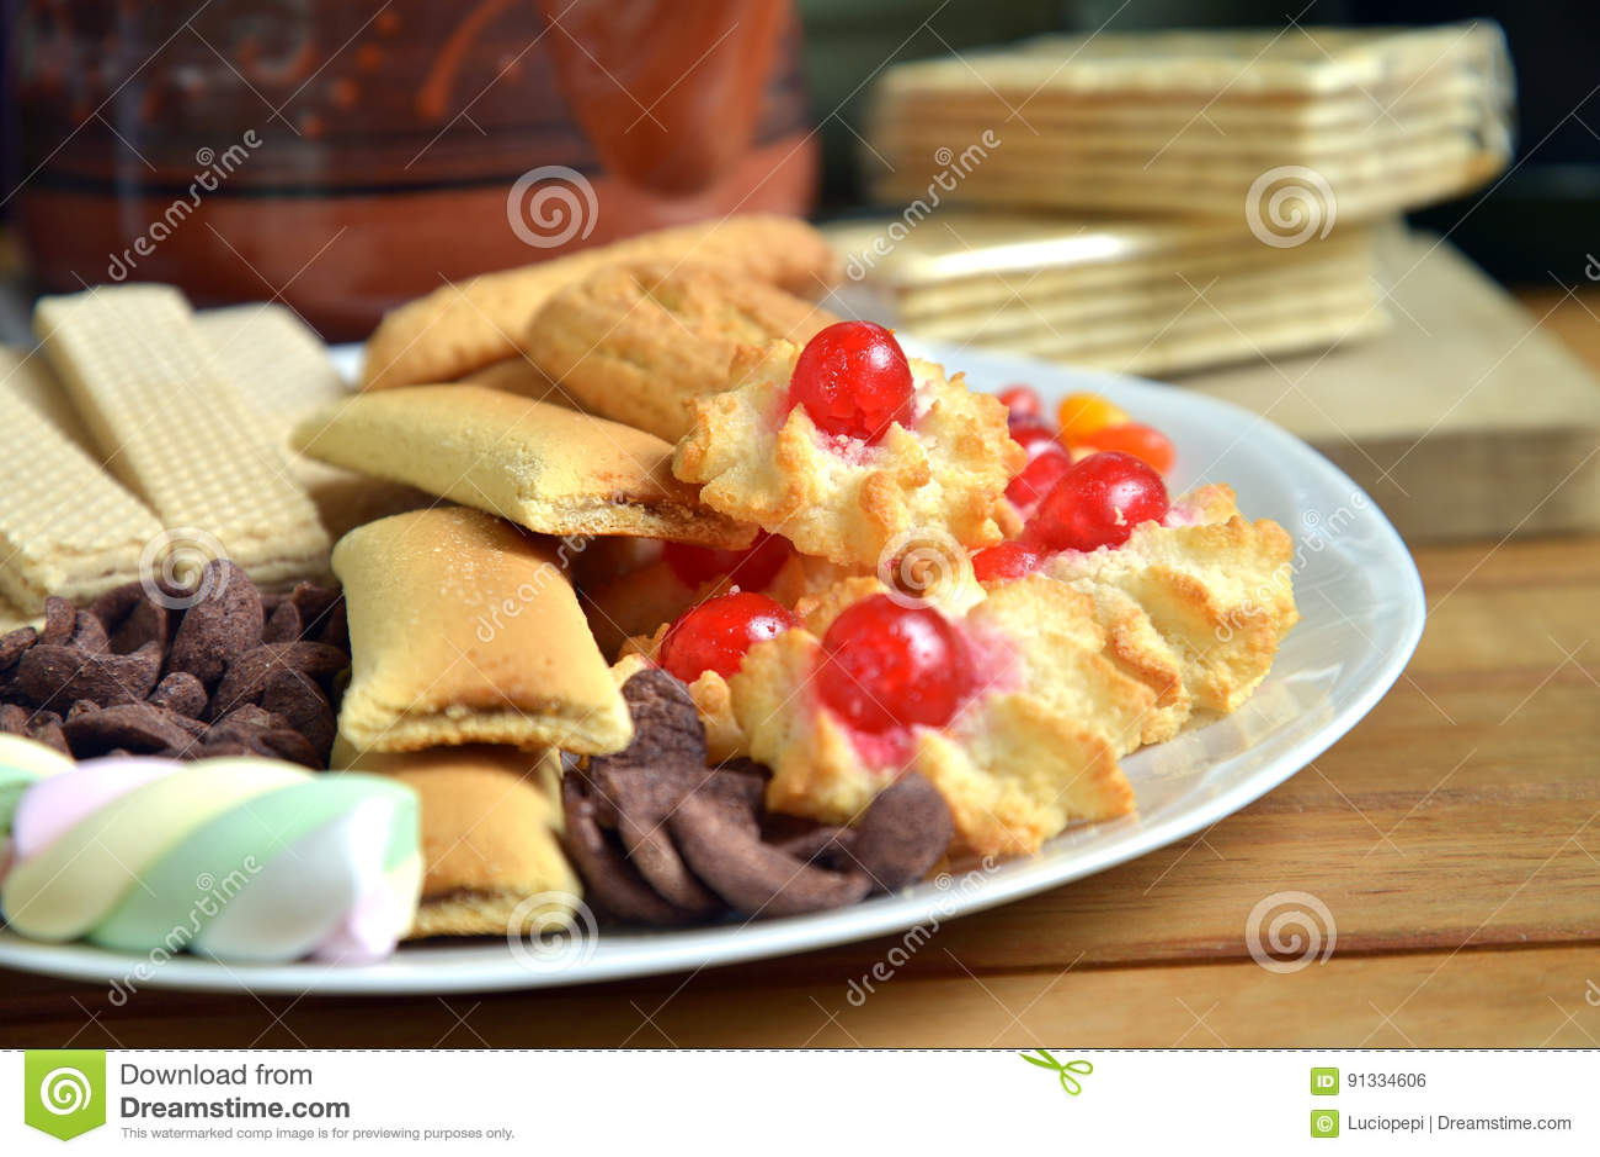 Heb thuis ontbijt met thee en koekjes